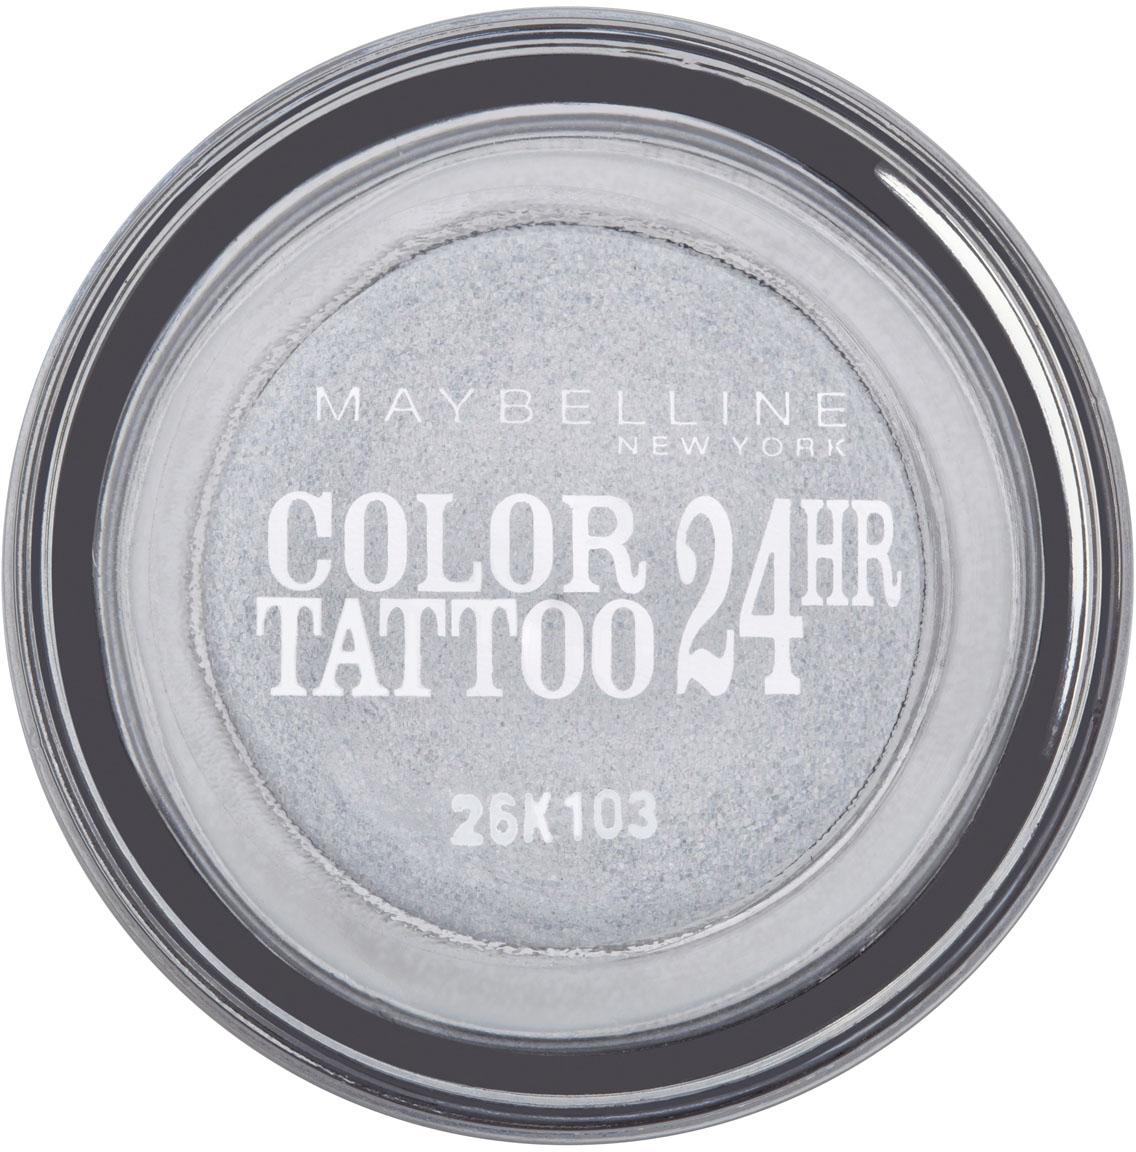 Maybelline New York Тени для век Color Tattoo 24 часа, оттенок 50, Неизменное серебро, 4 млZ2602Технология тату-пигментов создает яркий, супернасыщенный цвет. Крем-гелевая текстура обеспечивает ультралегкое нанесение и стойкость на 24 часа. 12 оттенков